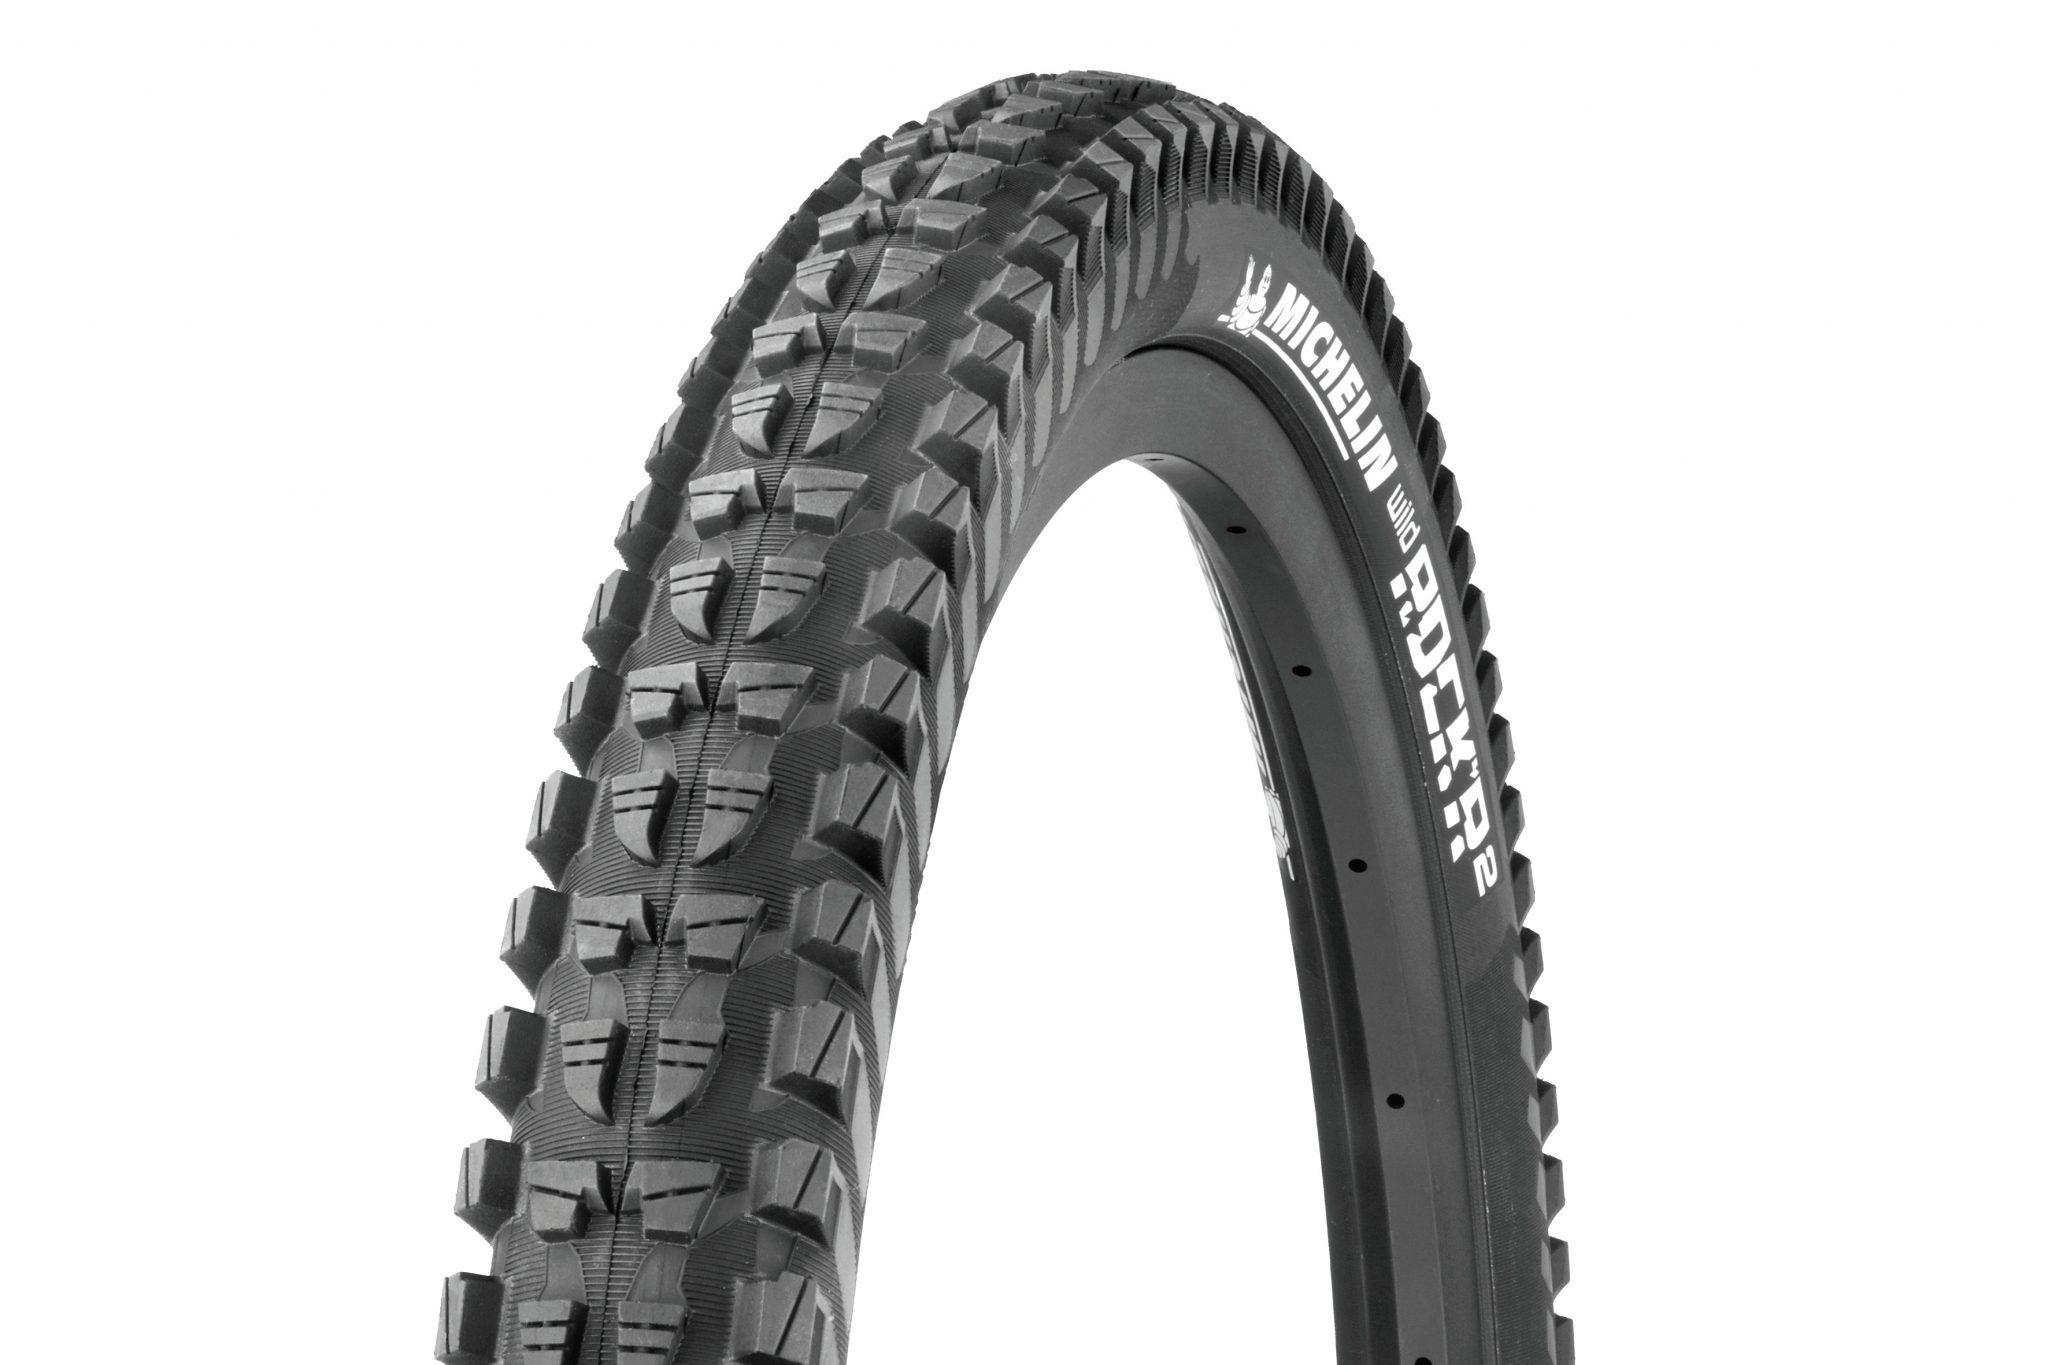 Michelin Fahrradreifen »Wild Rock'R2 Advanced«